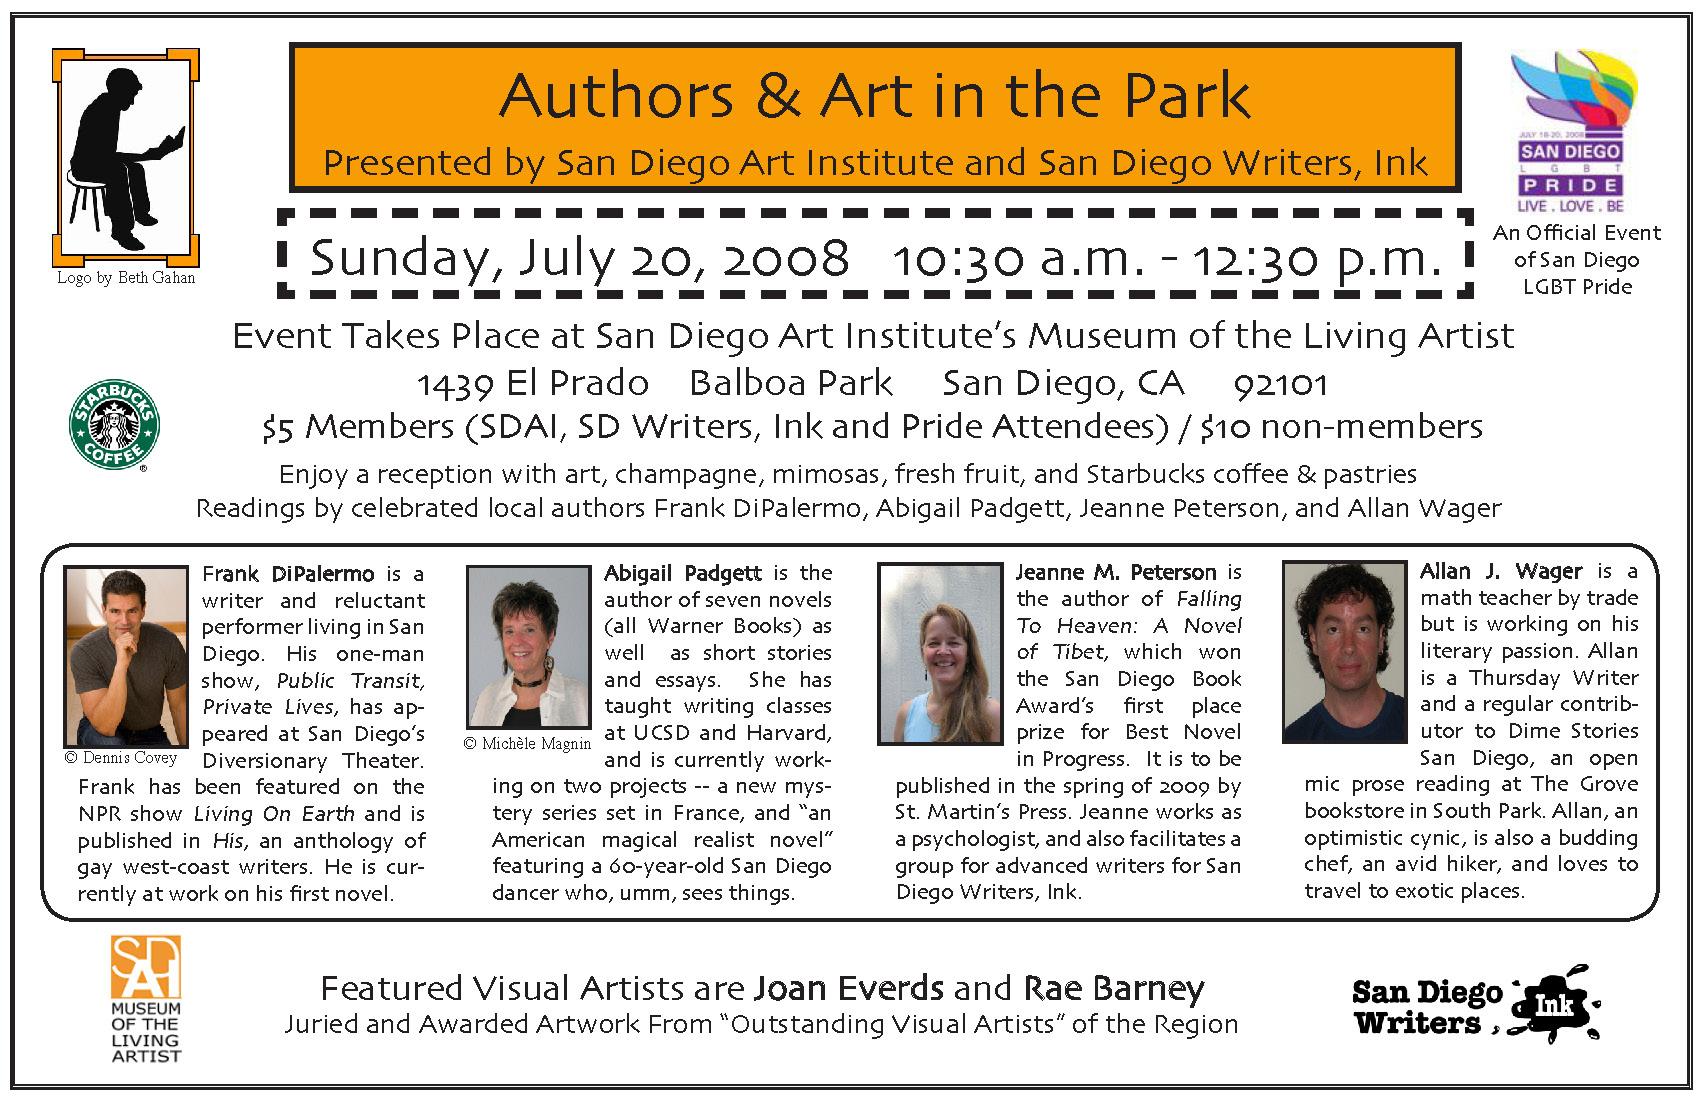 2008-07-20-AuthorsAndArt-FLYER.jpg